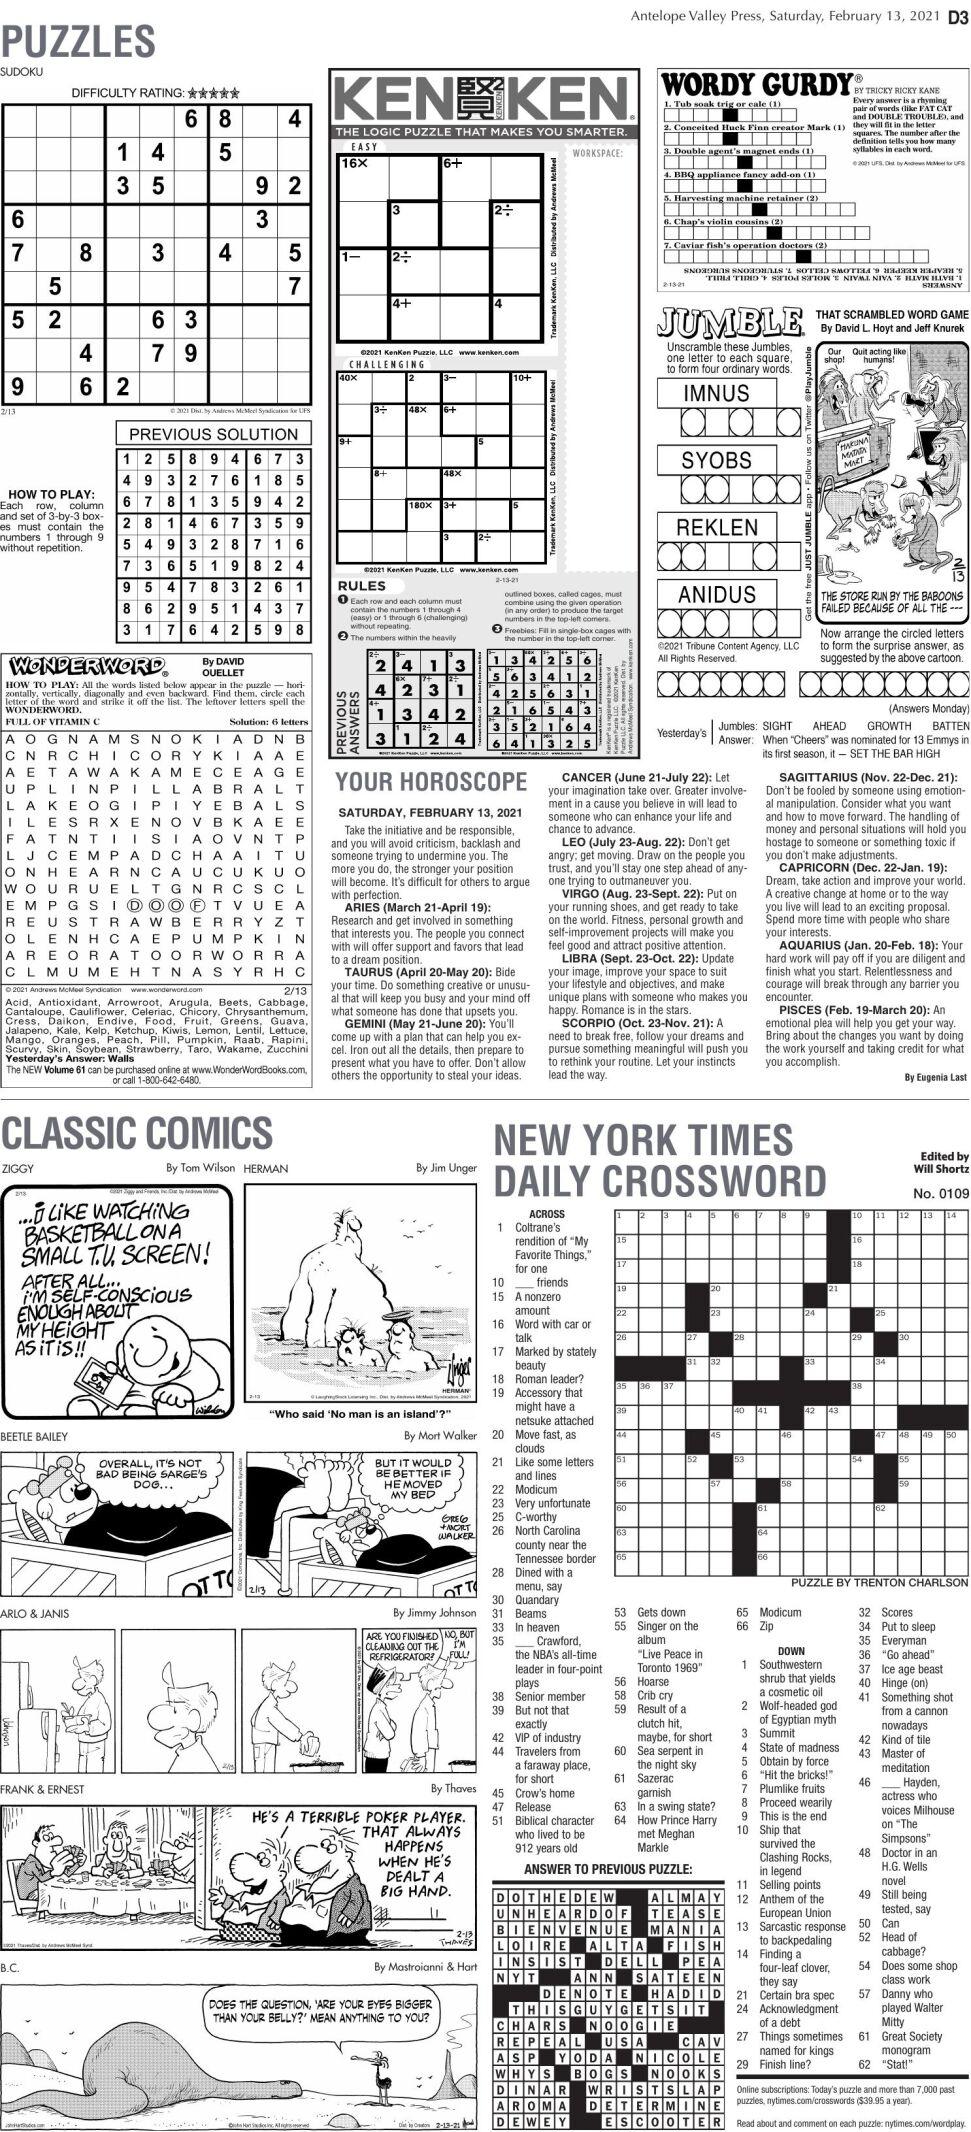 Puzzles, Feb. 13, 2021